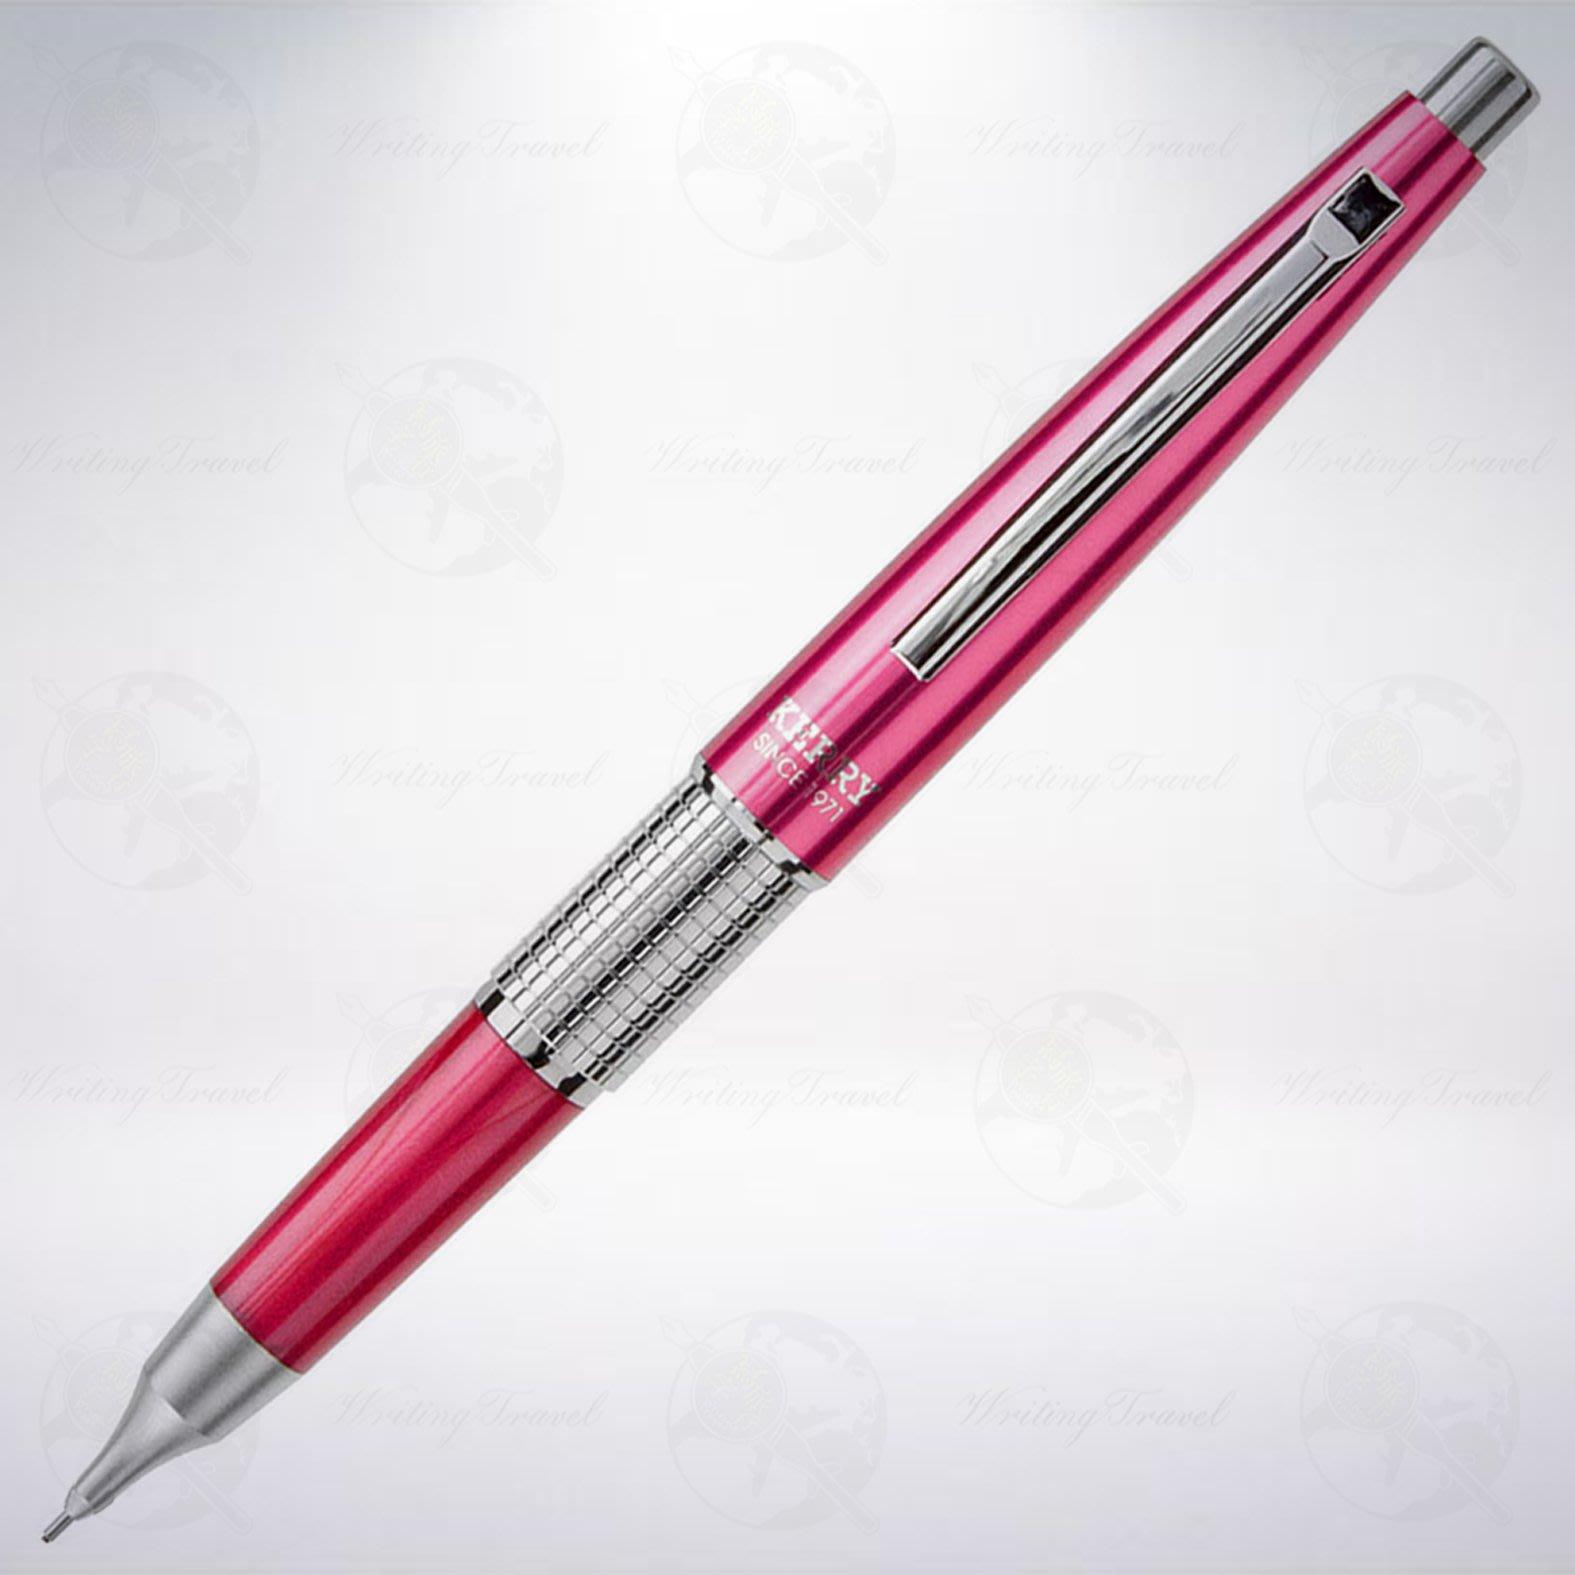 日本 Pentel 万年CIL (Kerry, ケリー) 日本限定款自動鉛筆: 粉紅色/Pink